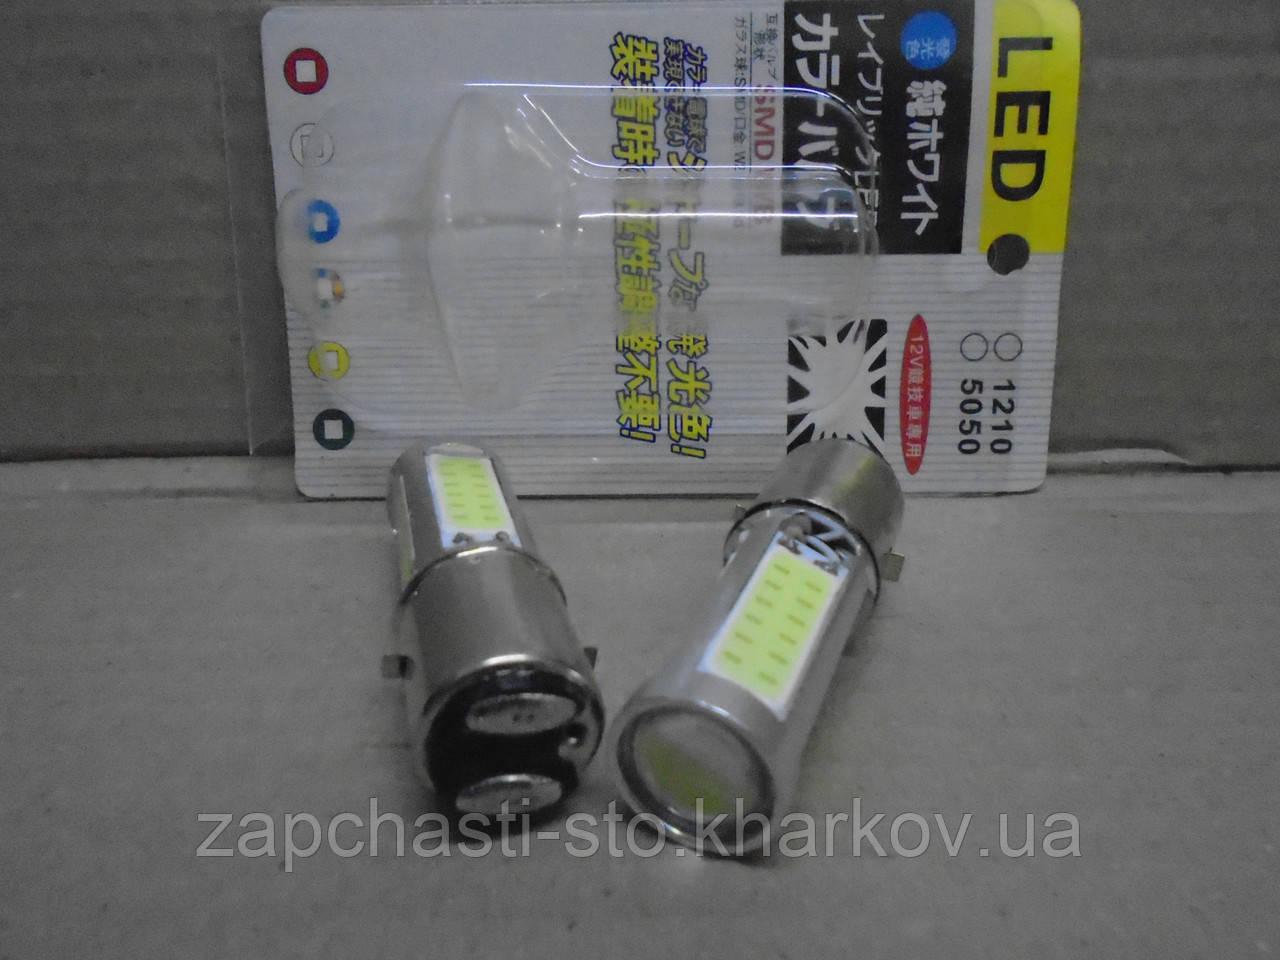 Лампа фары для мотоцикла, скутера, мопеда LED светодиодная BA20d 1шт